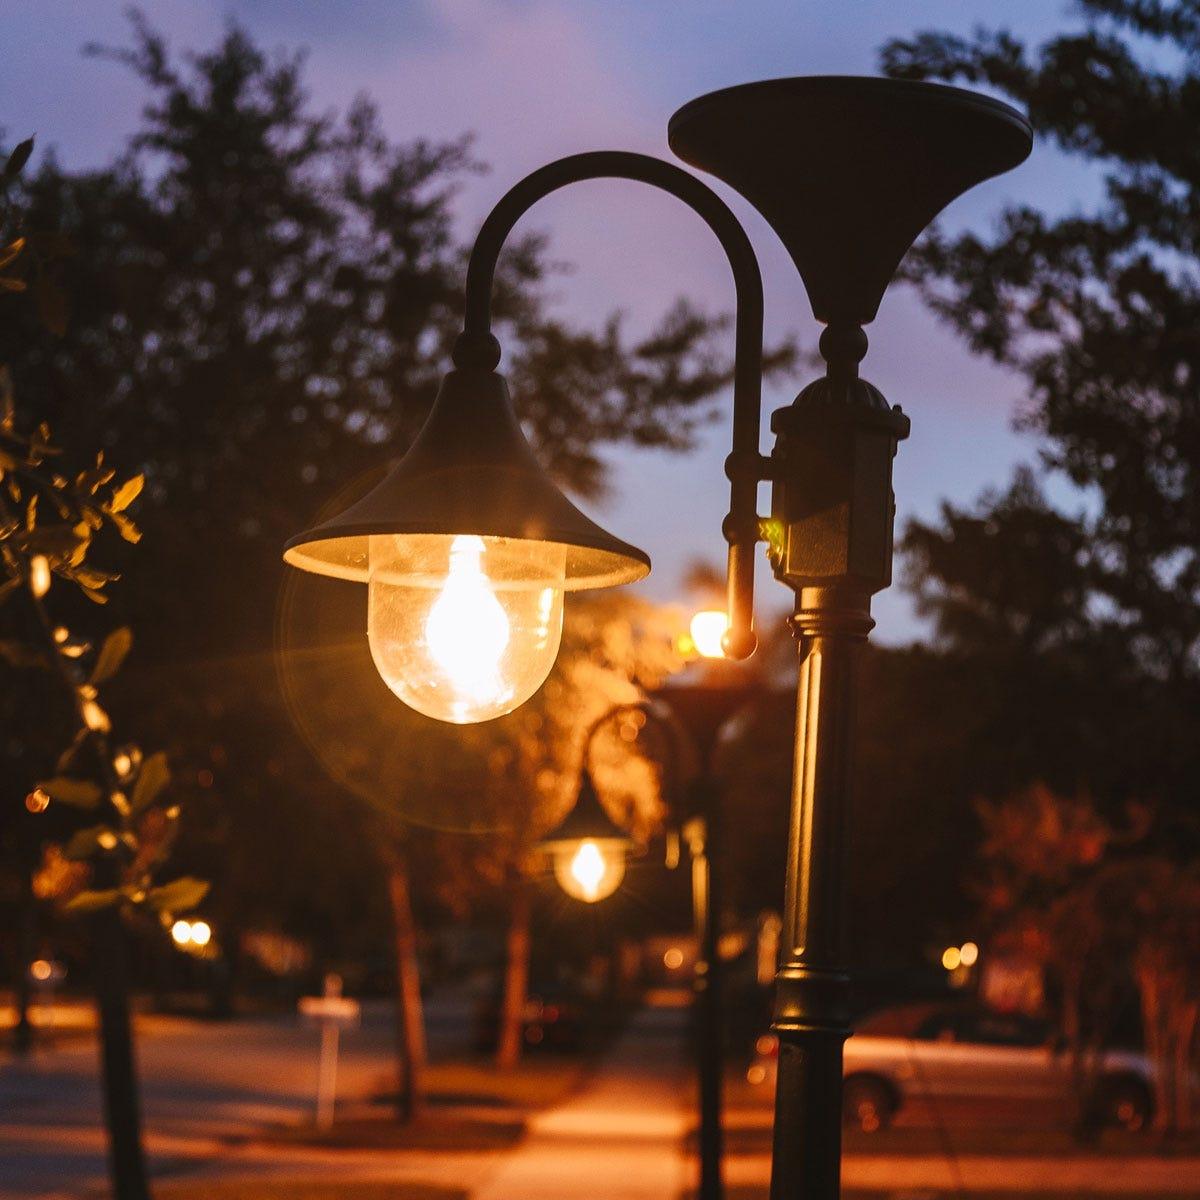 Terrific Shepherds Crook Outdoor Solar Lamp With Post Wiring Cloud Funidienstapotheekhoekschewaardnl